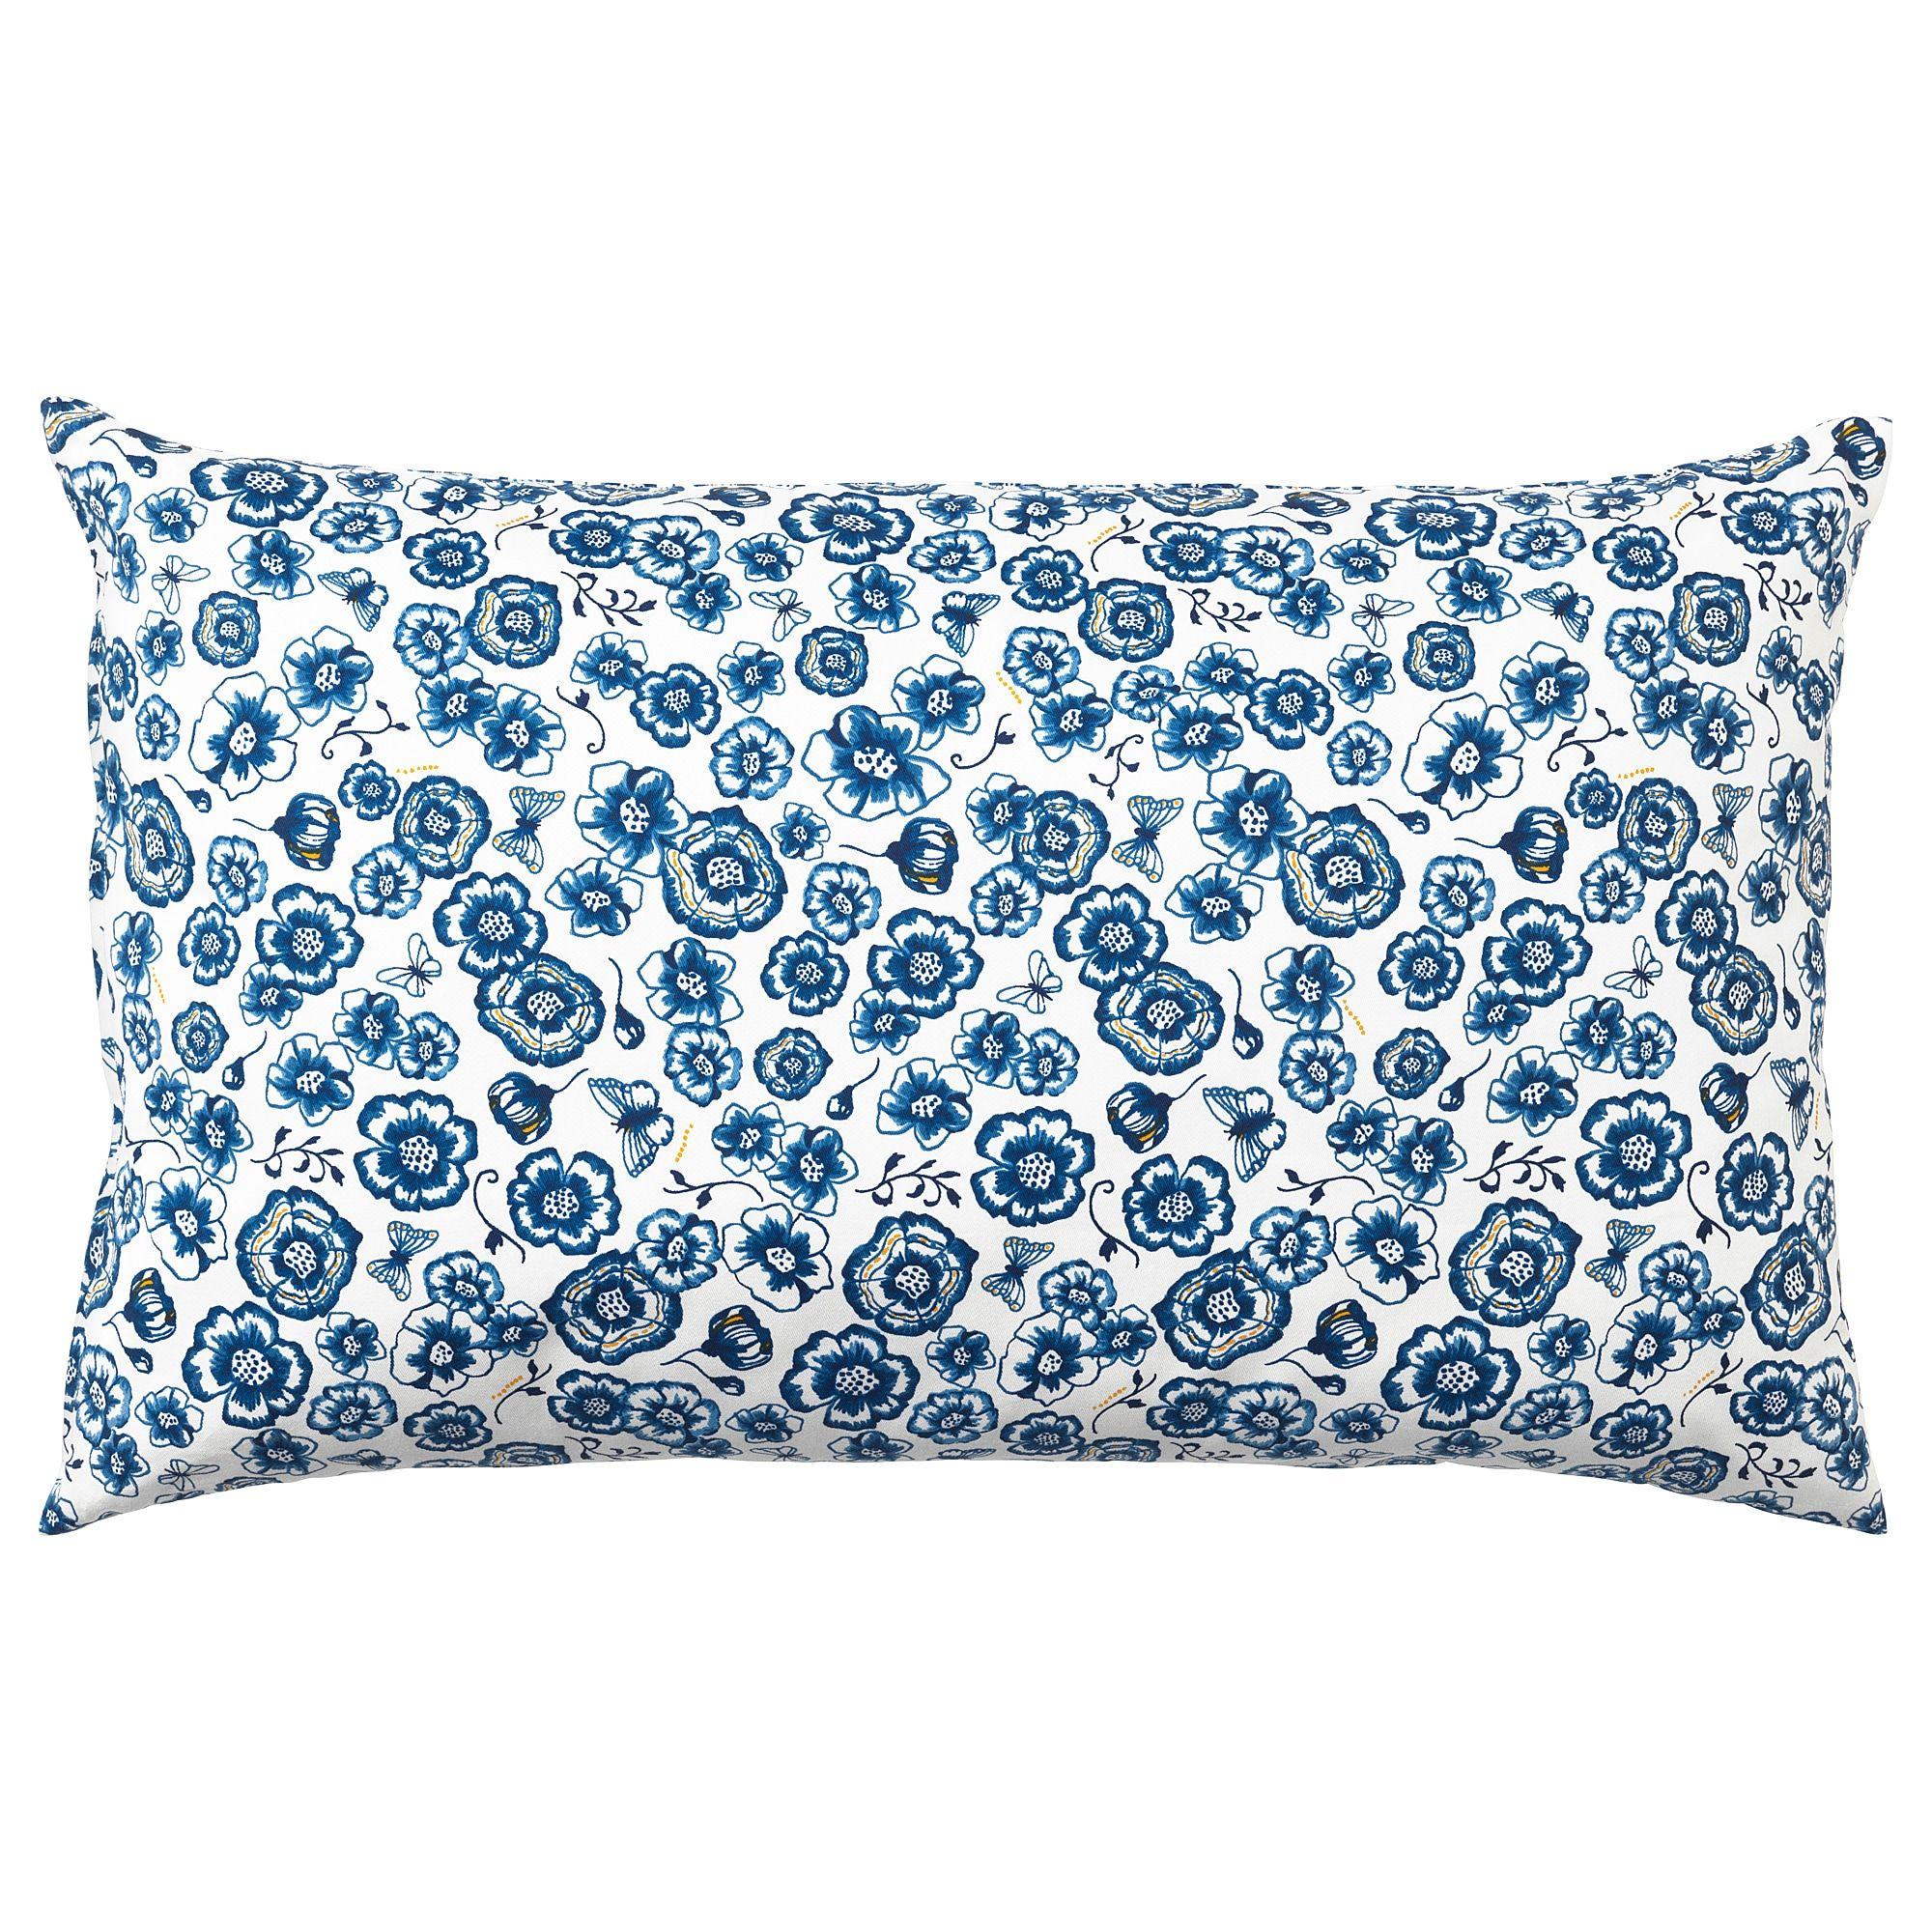 Kissen Sanglarka Blume Blau Weiss In 2019 Products Kissen